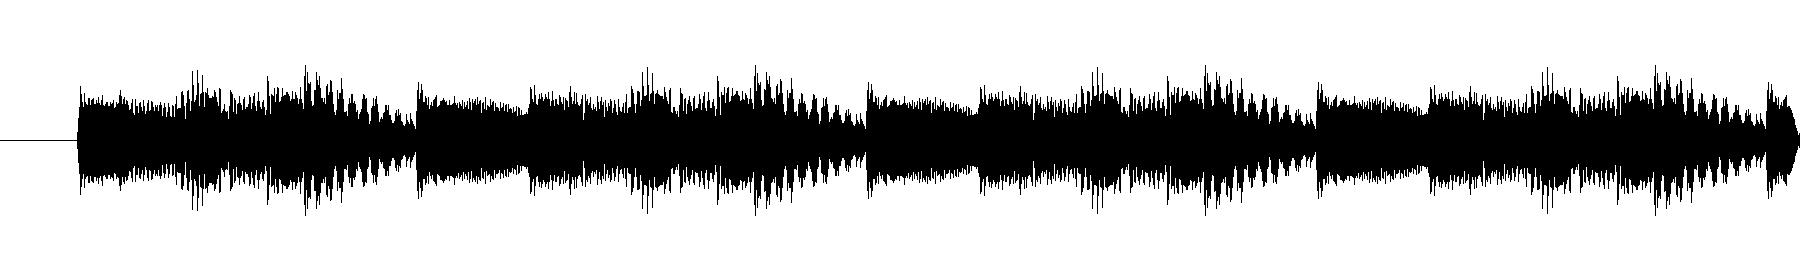 104588 celtic meral wav